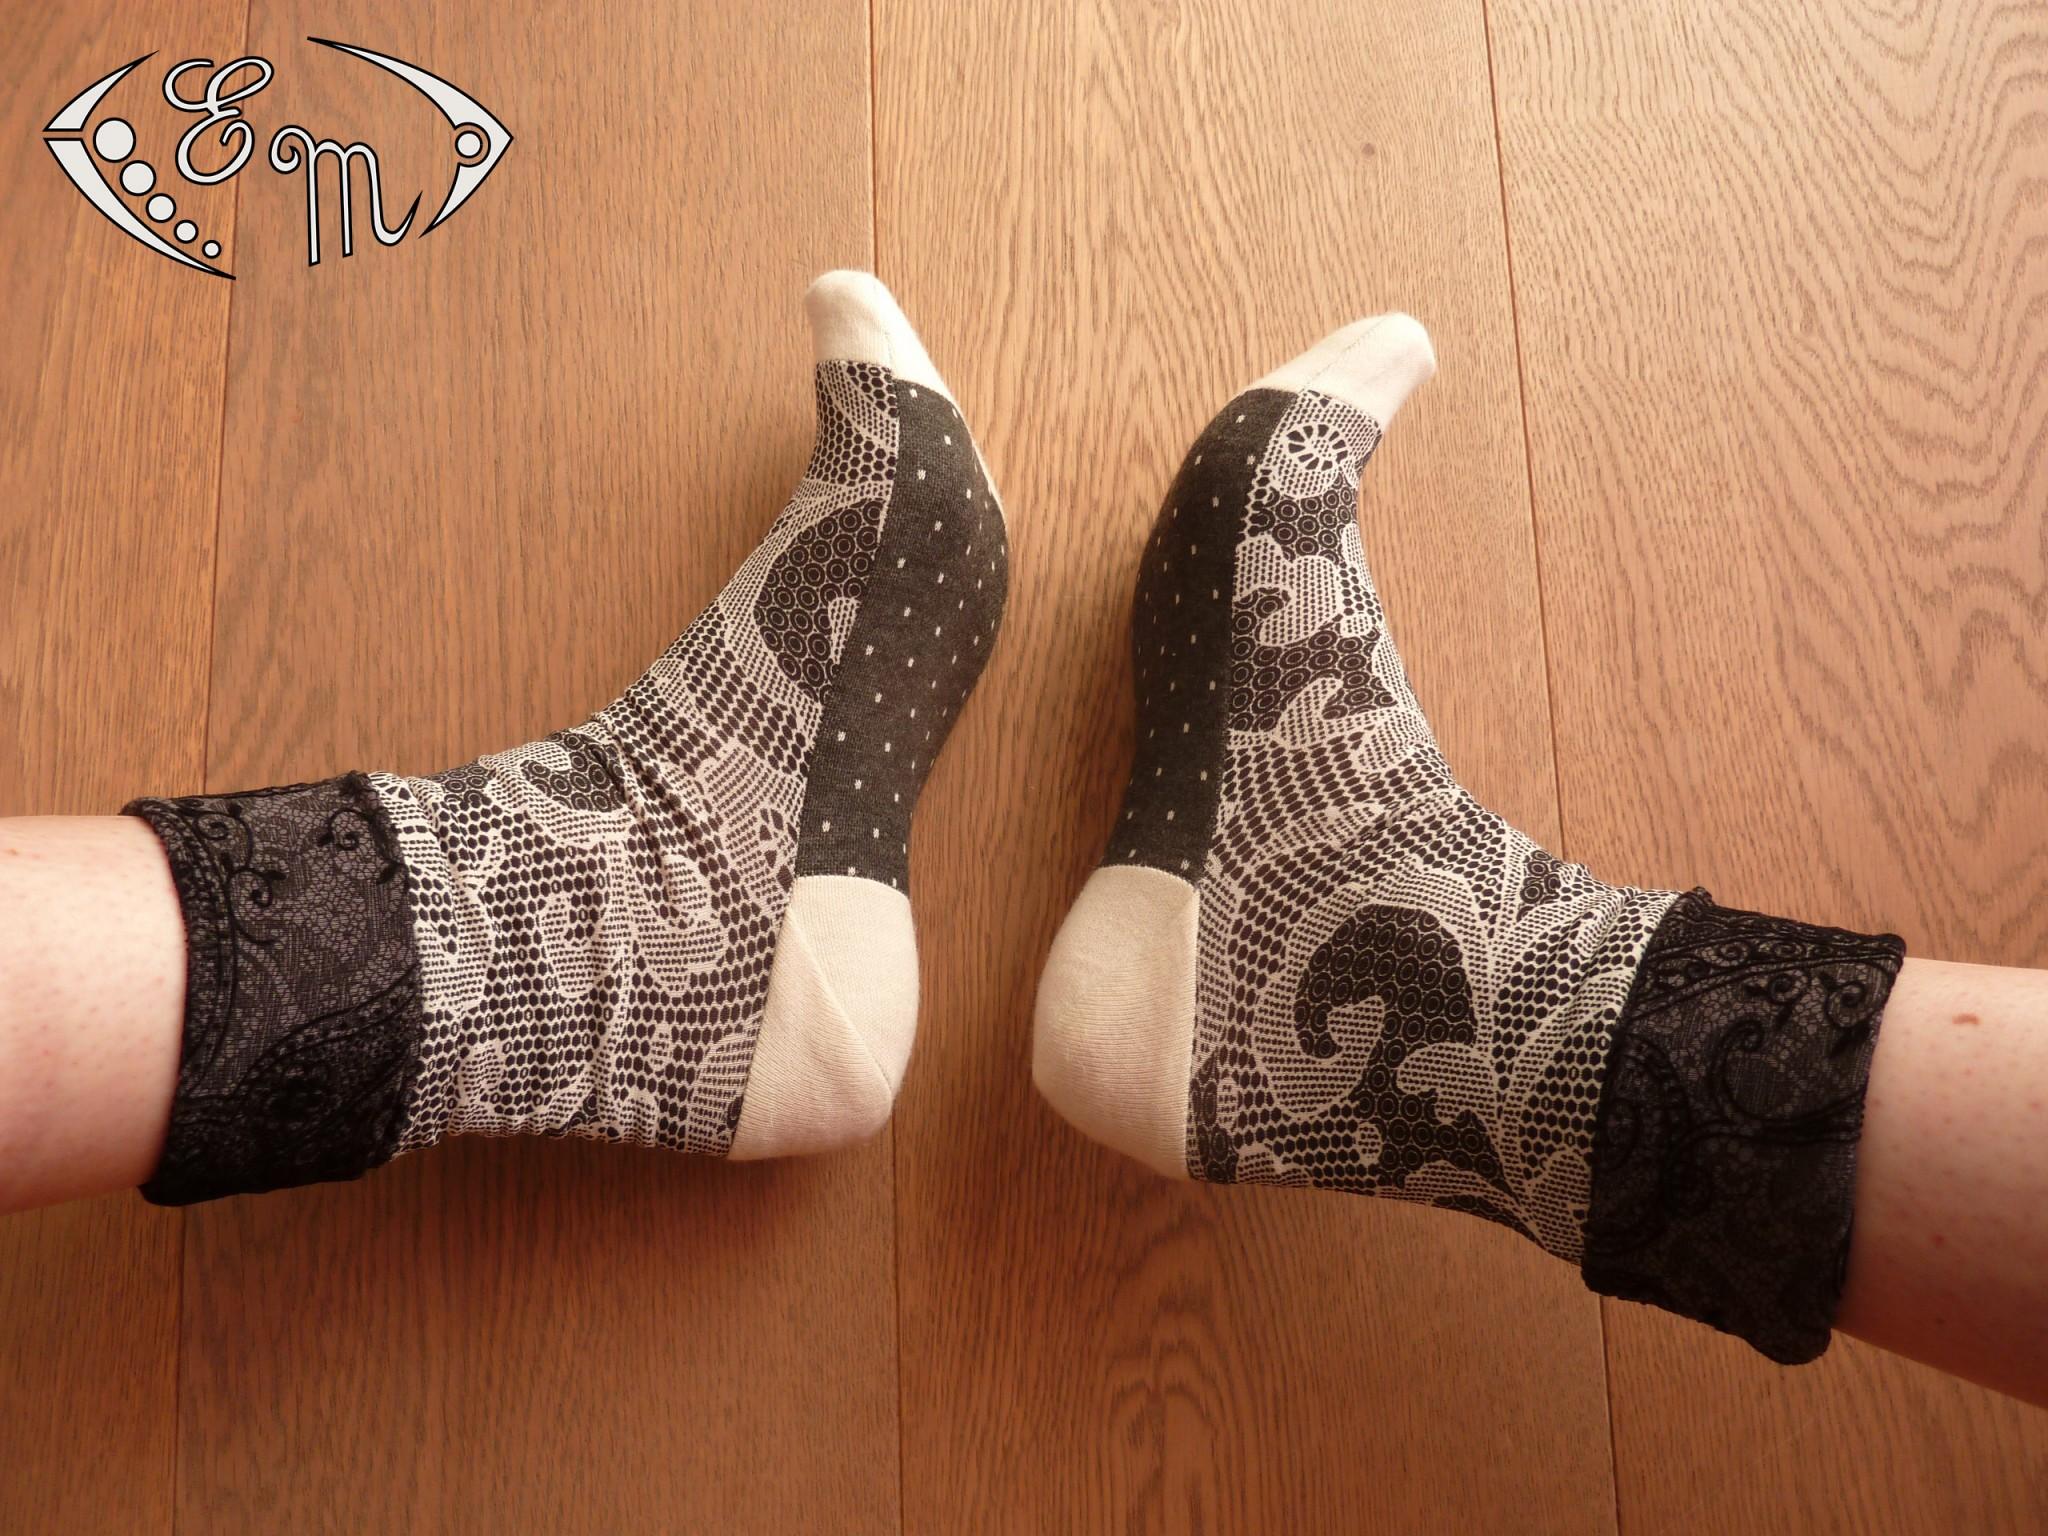 Mes petites chaussettes et mes petites socquettes